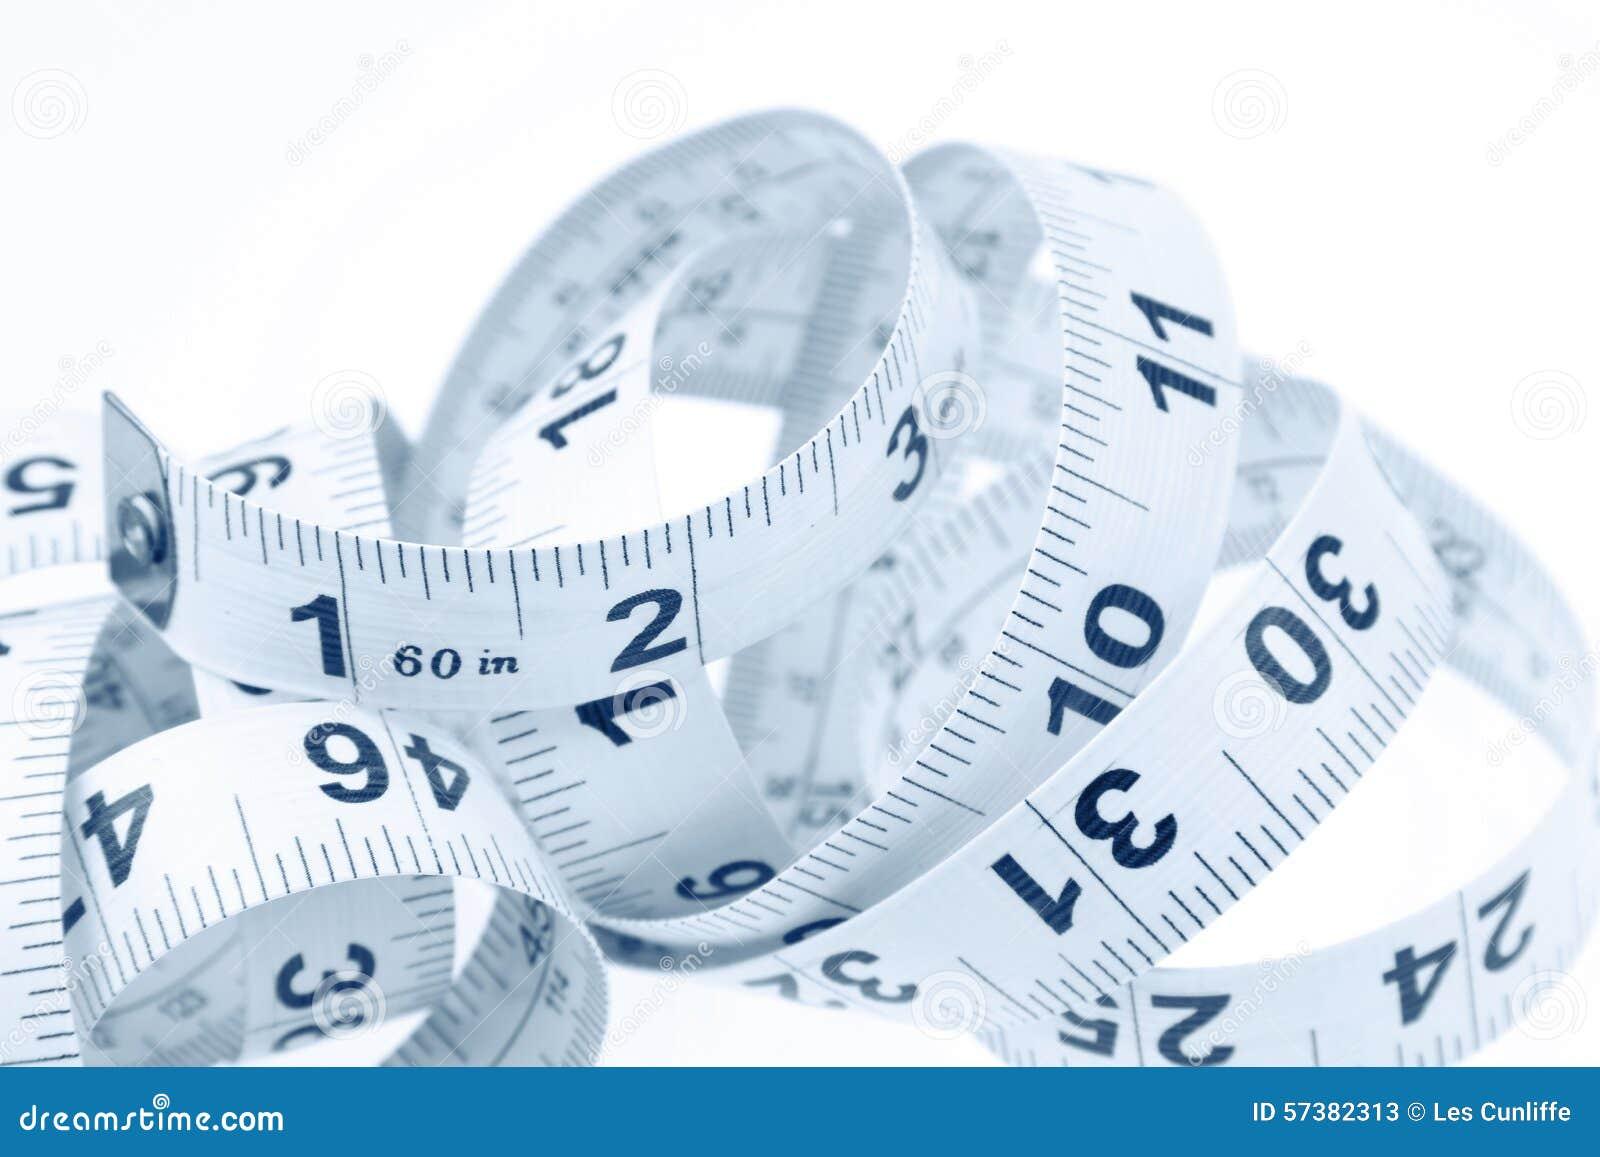 Het apparaat voorgenomen voor meting van lengte